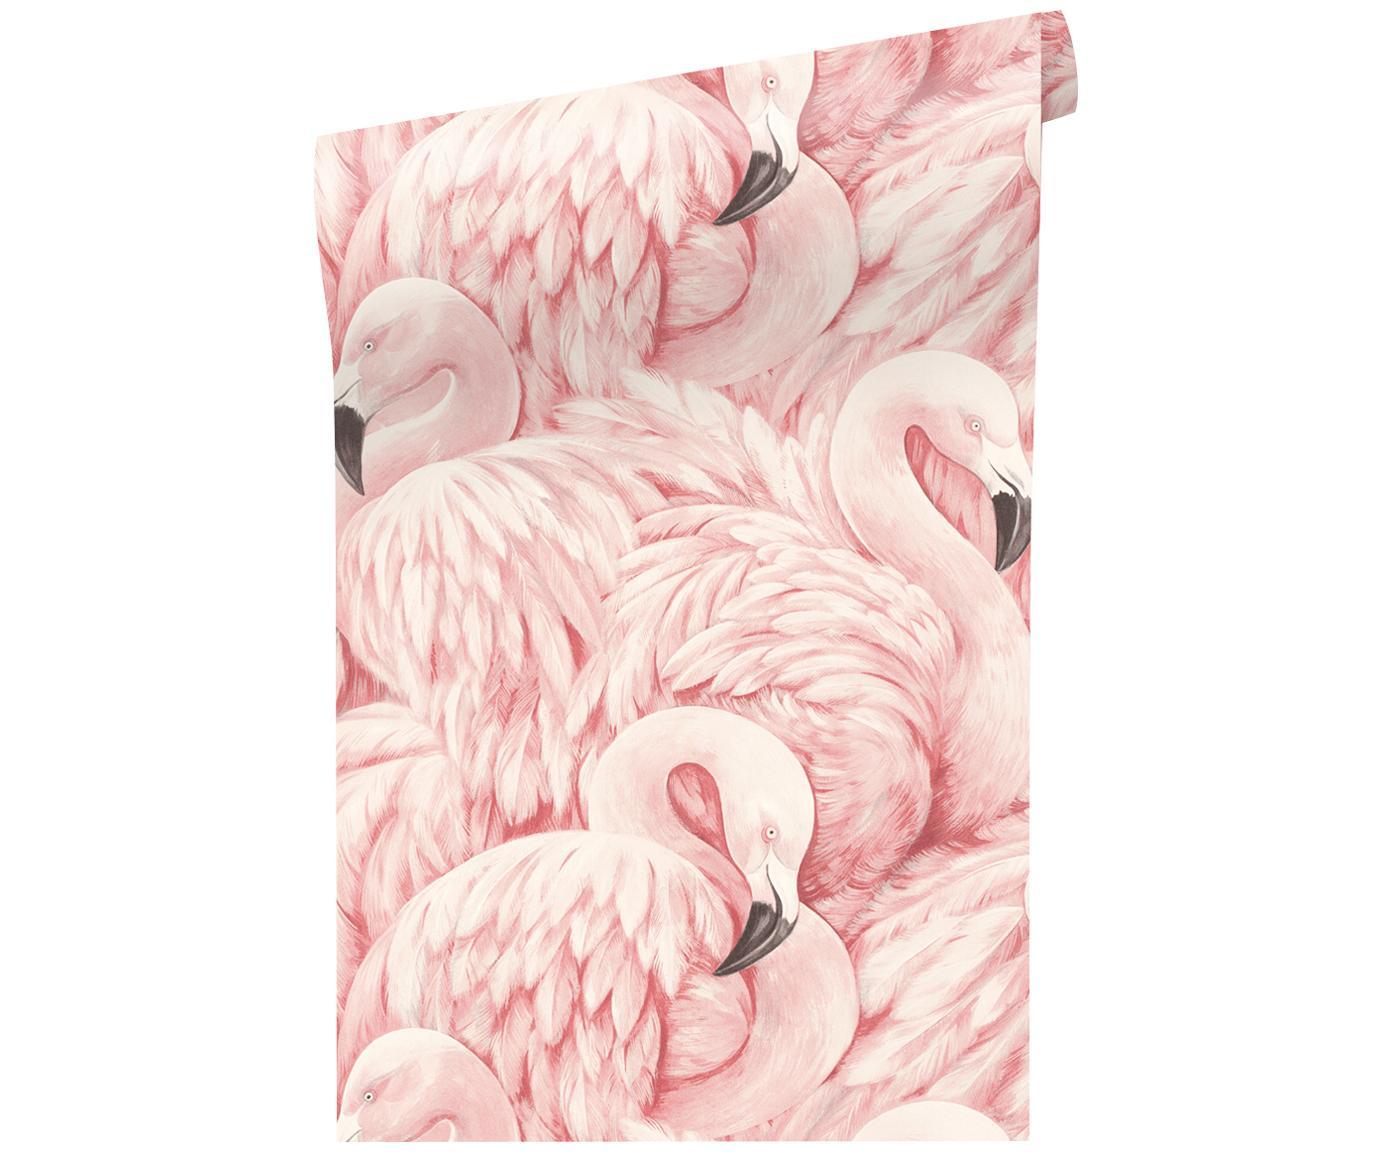 Tapeta Pinky, Włóknina, Różowy, 53 x 1005 cm